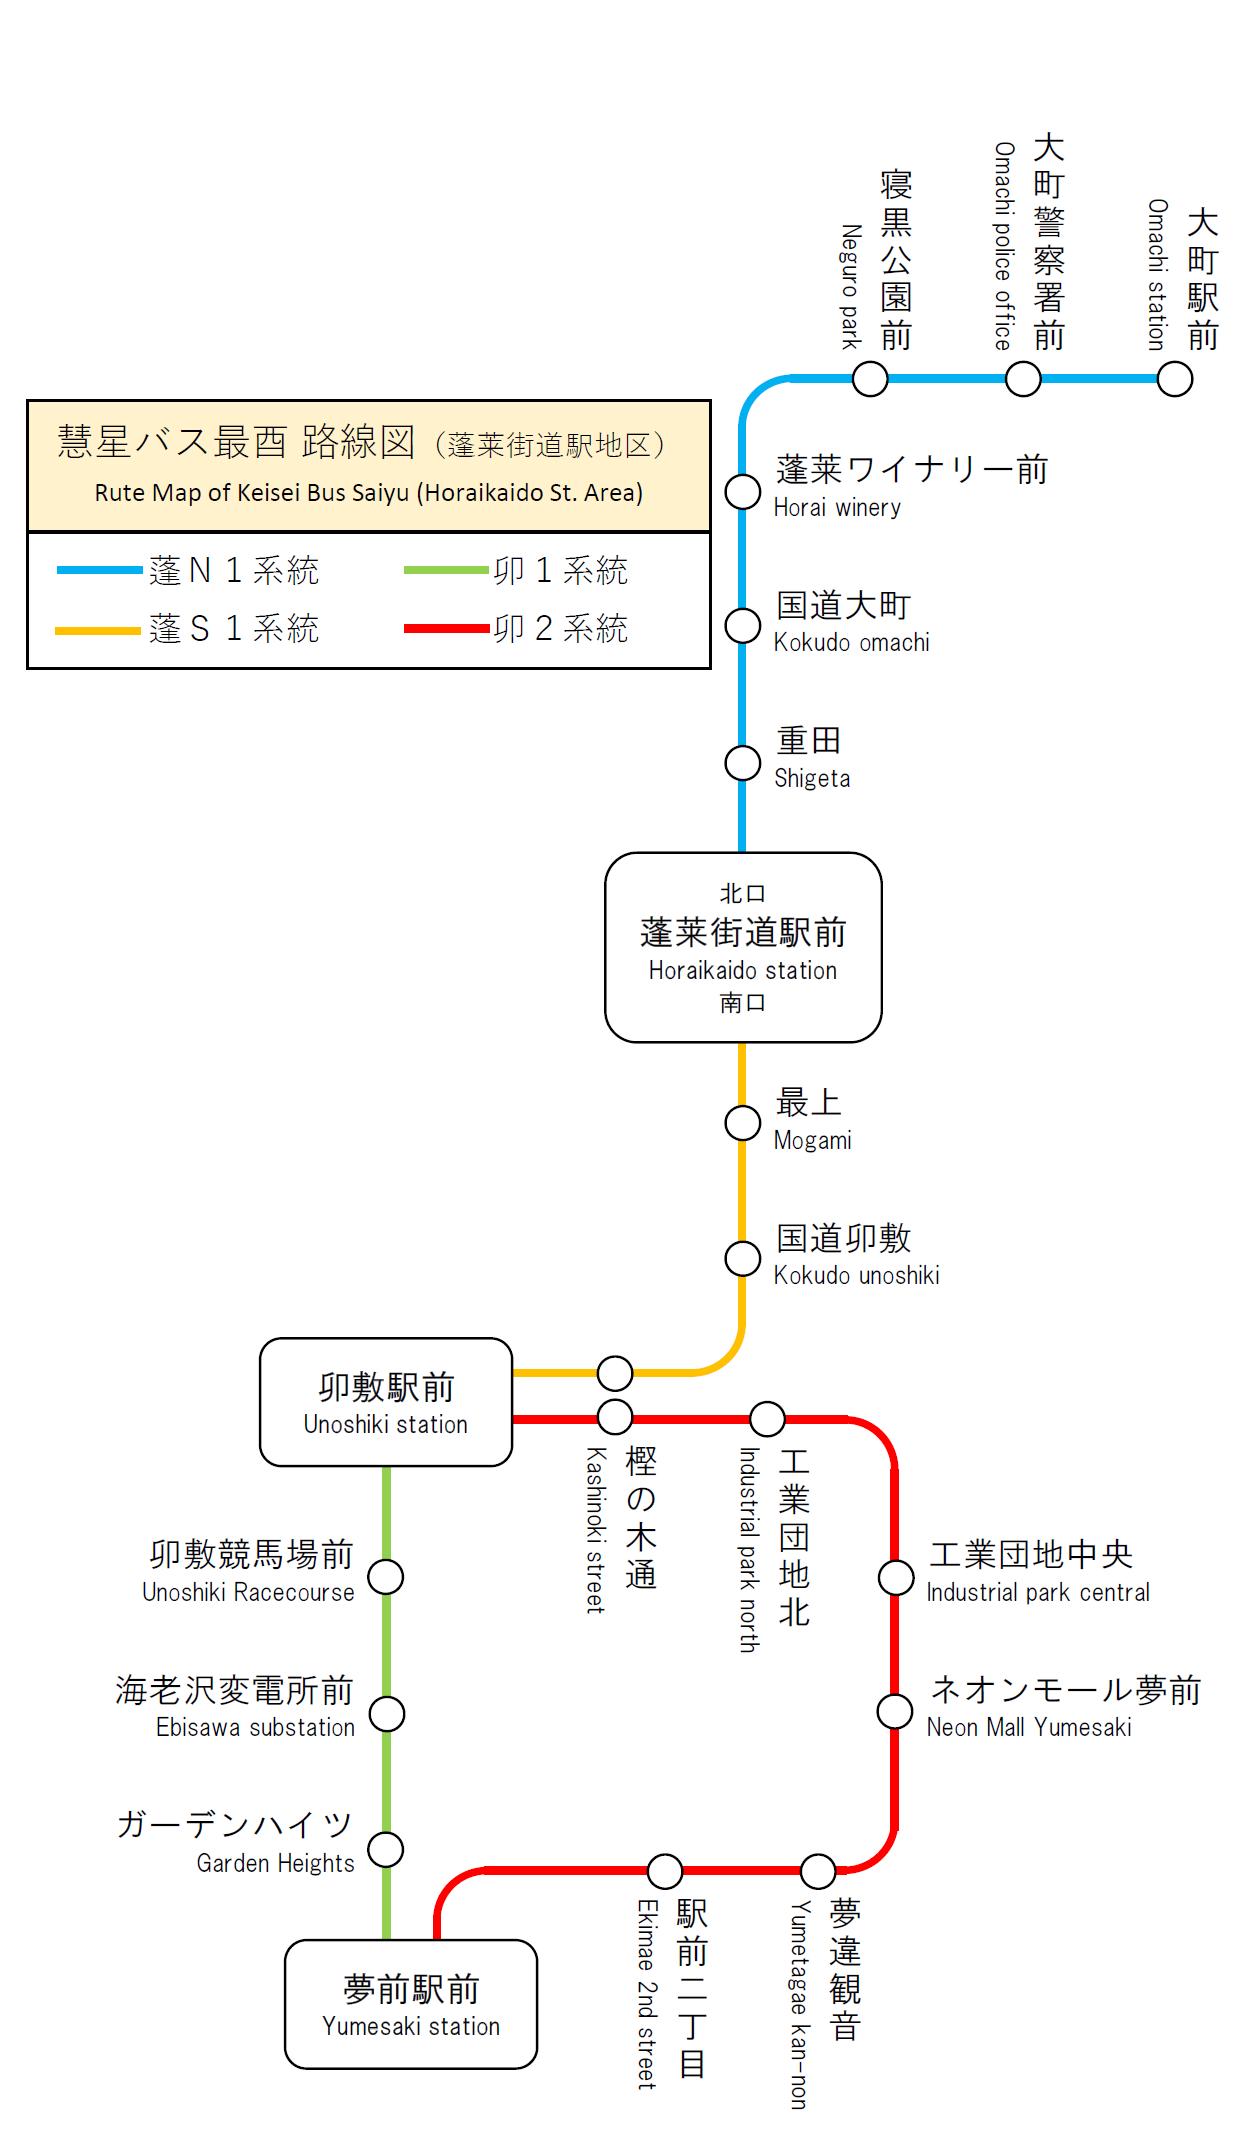 慧星バス酉都路線図(蓬莱街道駅地区)2.png